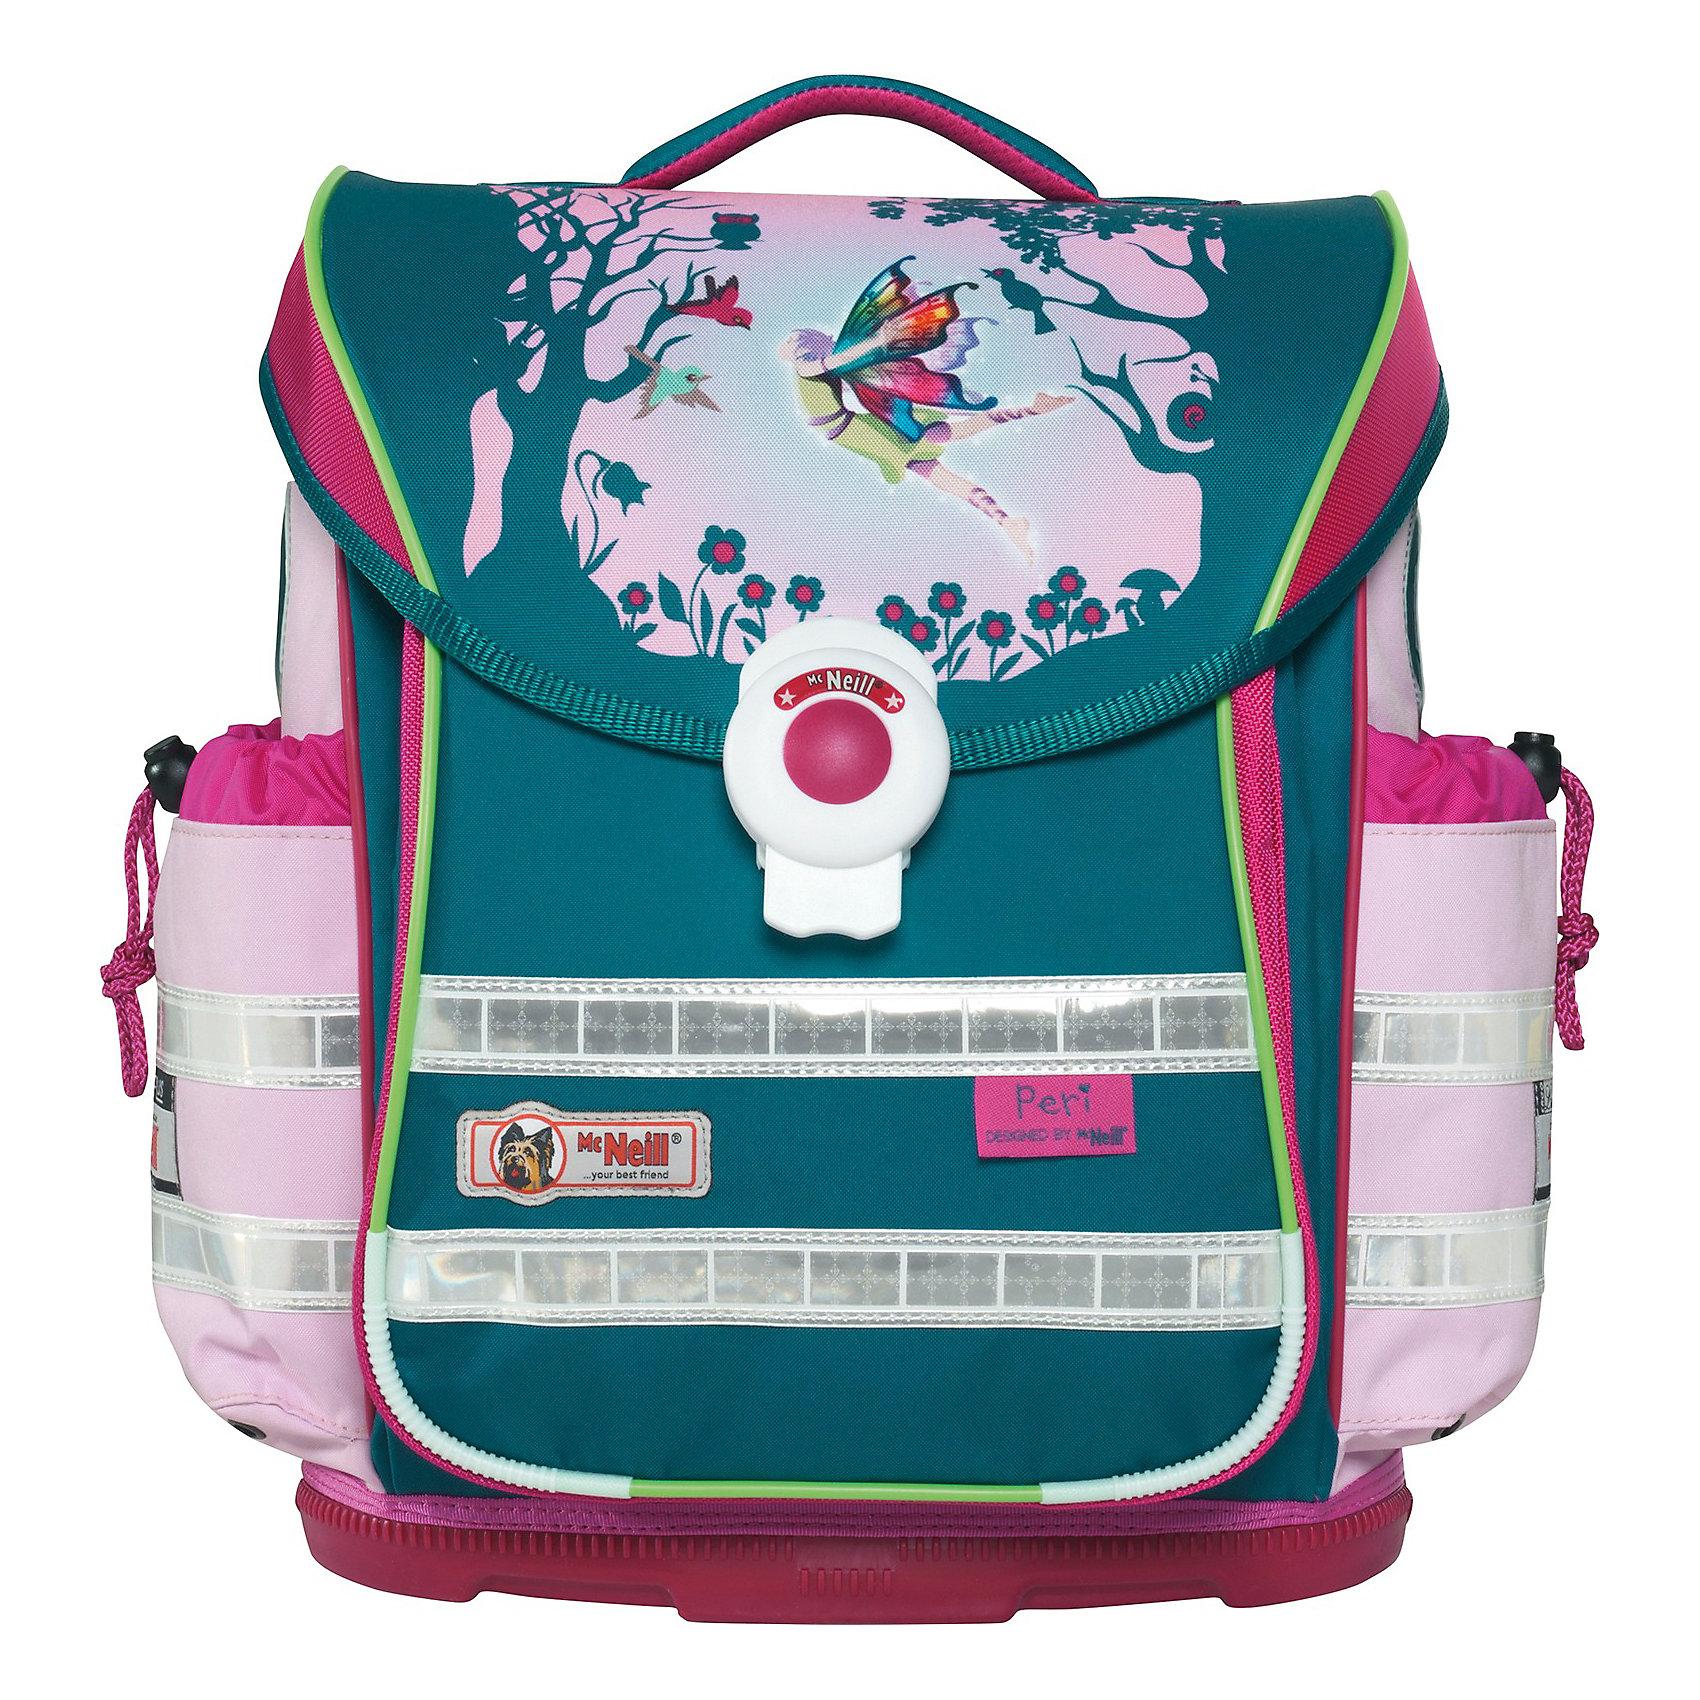 MC Neill Школьный рюкзак ERGO Light Плюс ПериРанцы<br>Вместимость 20 л,  вес ранца 1050 гр, удобный магнитный замок, боковые  карманы на кулиске регулируются ограничителями, дно из особо прочного пластика, ортопедическая спина, регулируемые ремни на мягких подушках.  В наборе два пенала, сумка для обуви и спорта, бутылочка для напитков, ланч - бокс. 30*41*20 см<br><br>Ширина мм: 419<br>Глубина мм: 368<br>Высота мм: 256<br>Вес г: 1870<br>Возраст от месяцев: 60<br>Возраст до месяцев: 120<br>Пол: Женский<br>Возраст: Детский<br>SKU: 3798555